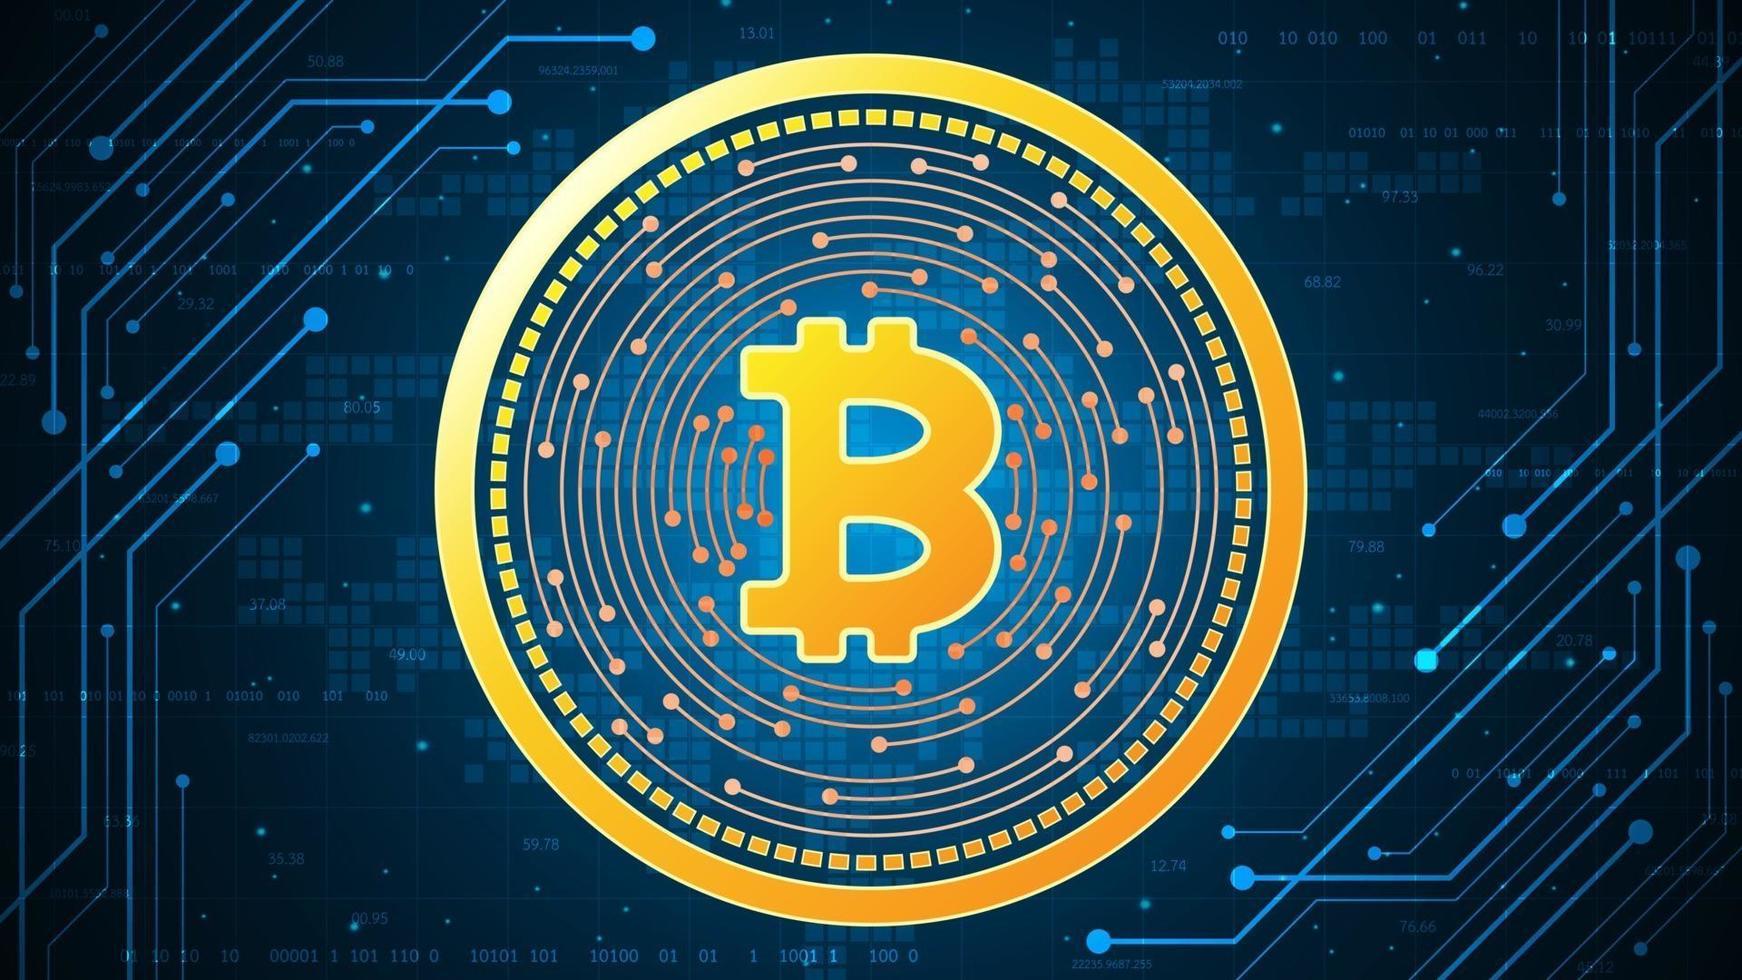 01 011 btc free signals crypto telegram